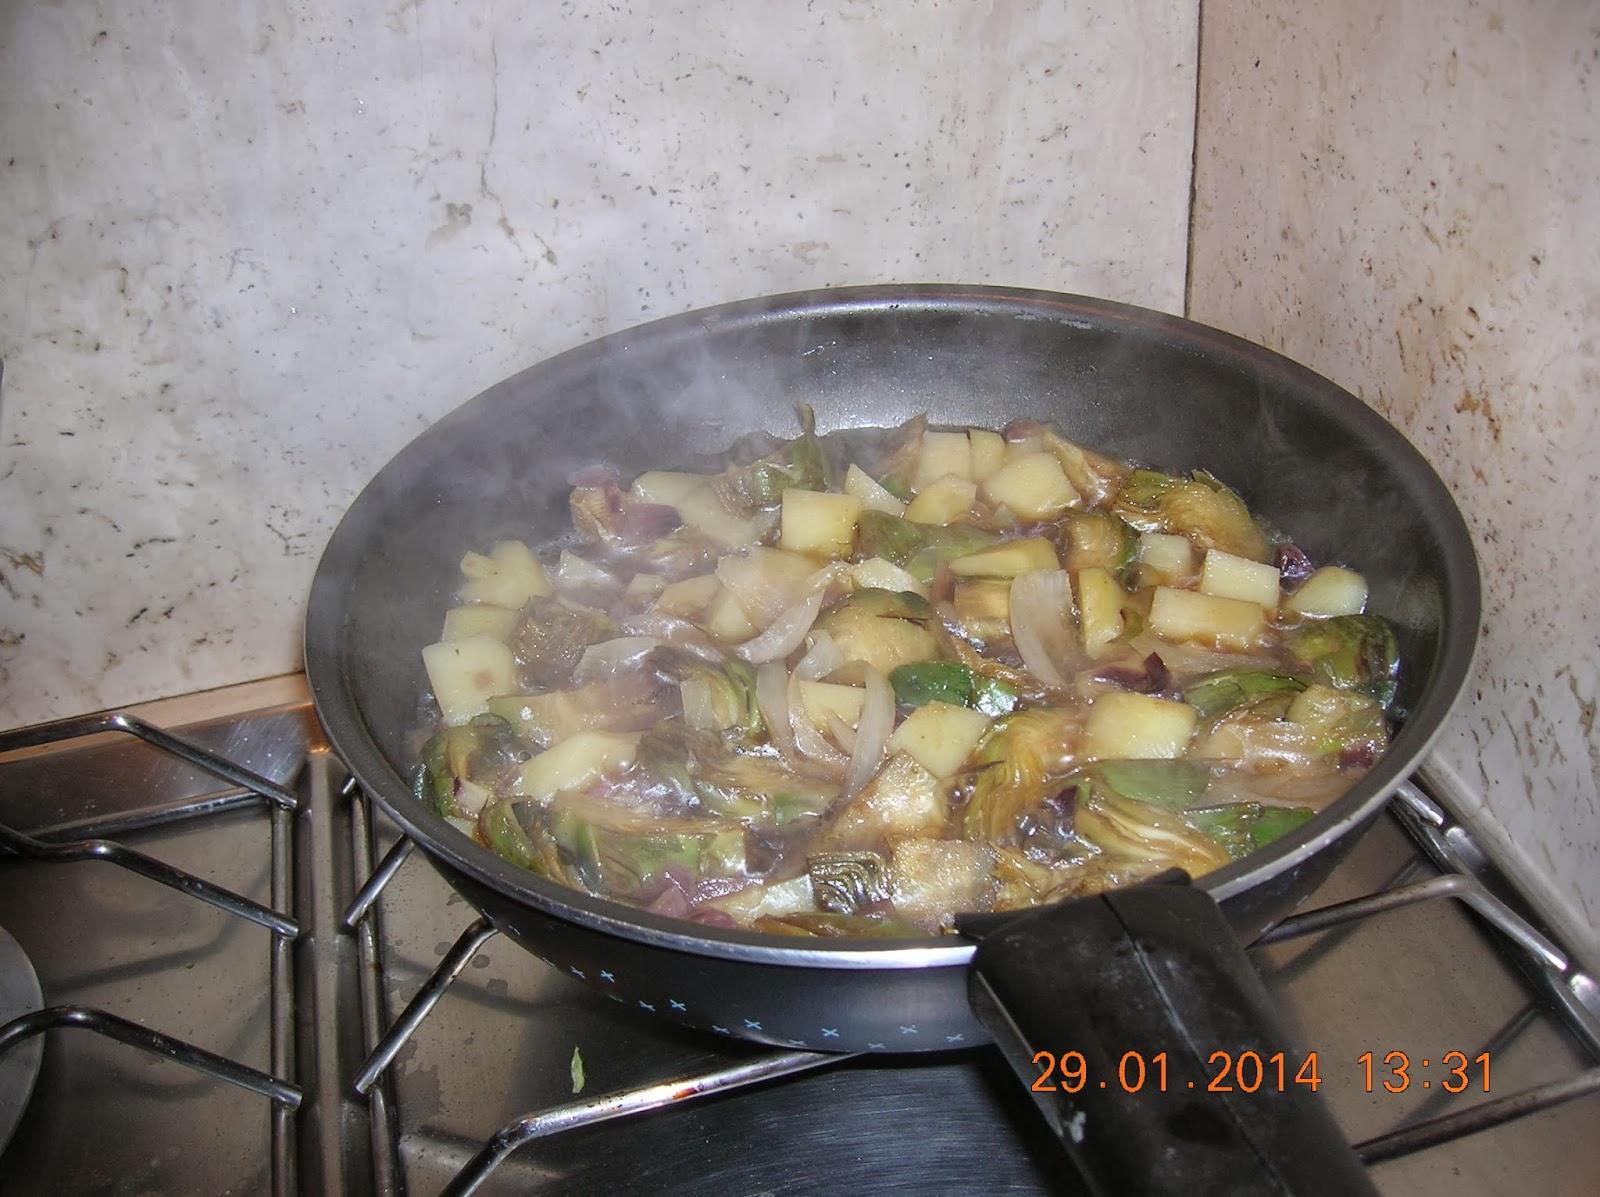 patate con carcioffi - pizzaiola di  filetti di platessa  con latte di soia